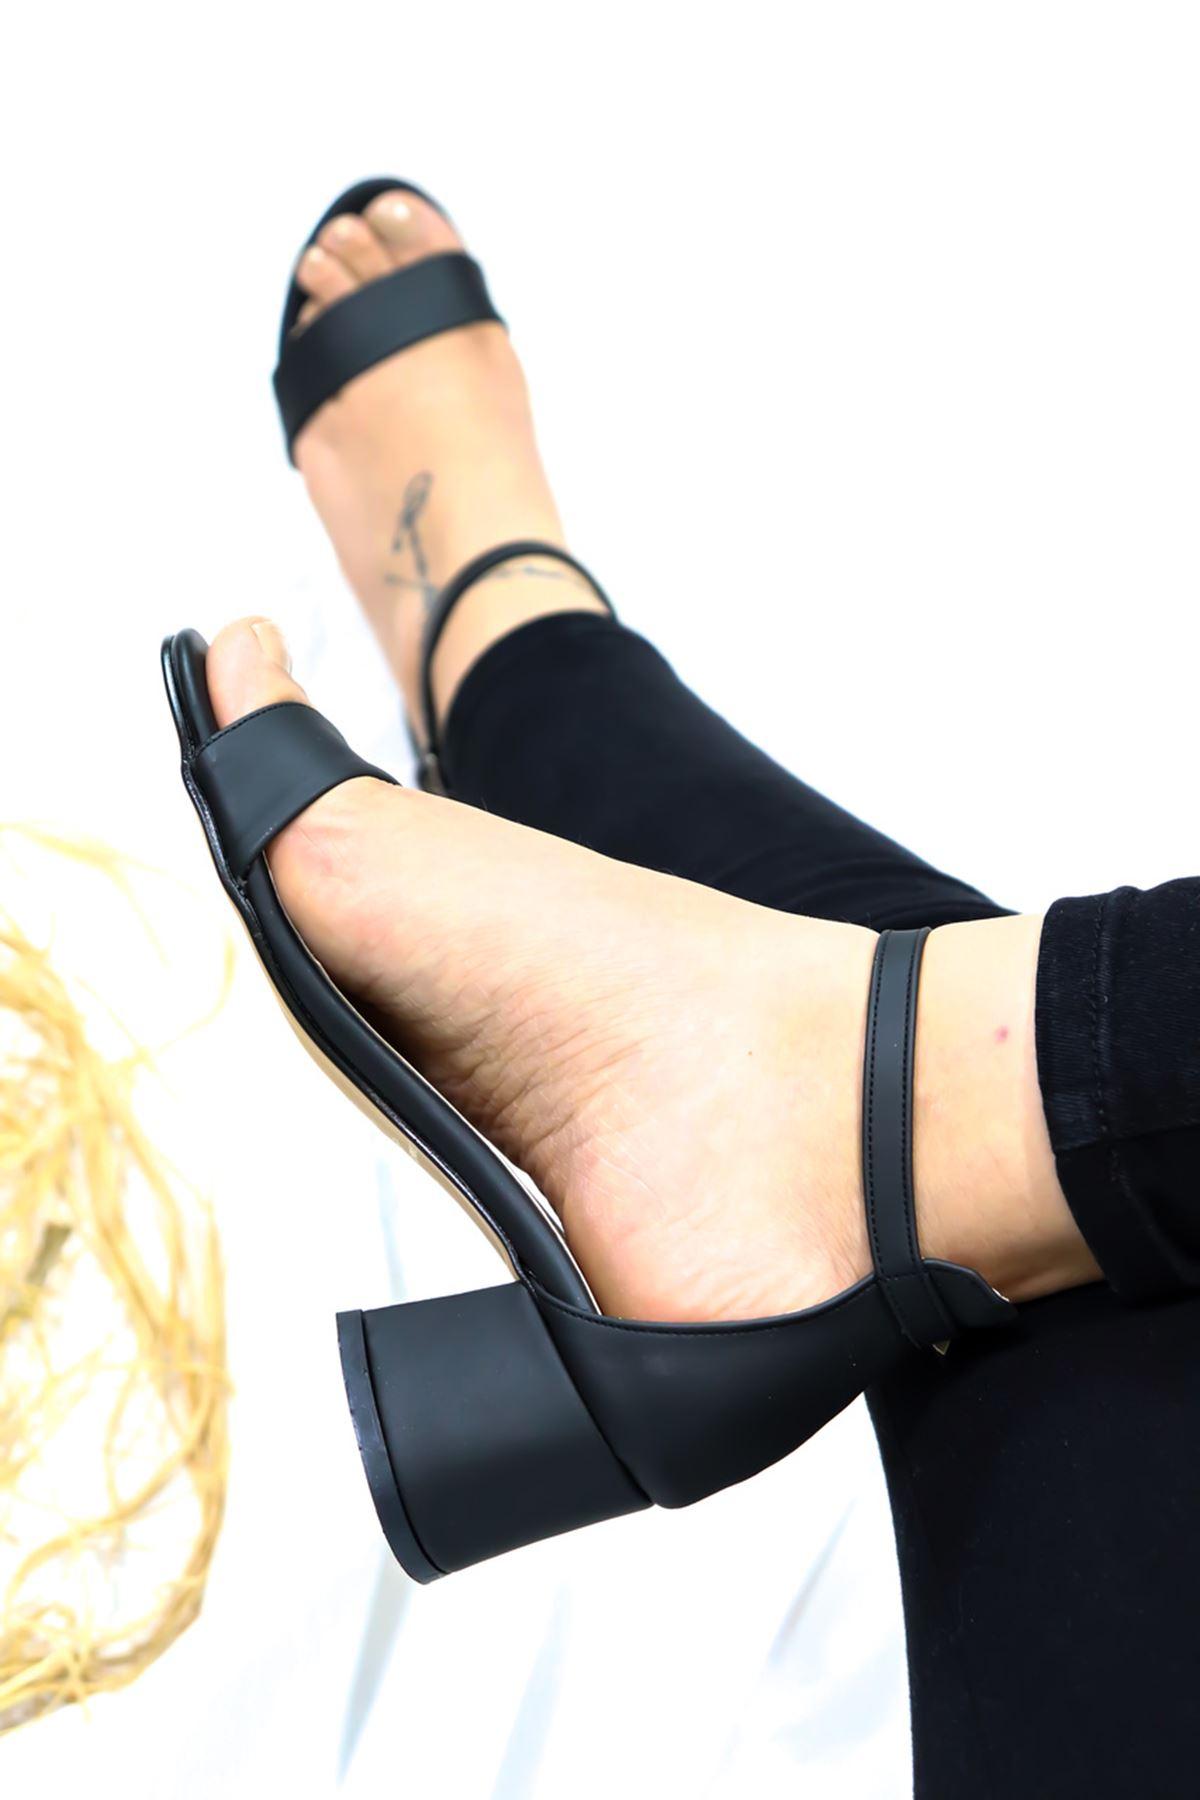 Feles - Tek Bantlı Kadın Topuklu Ayakkabı Siyah